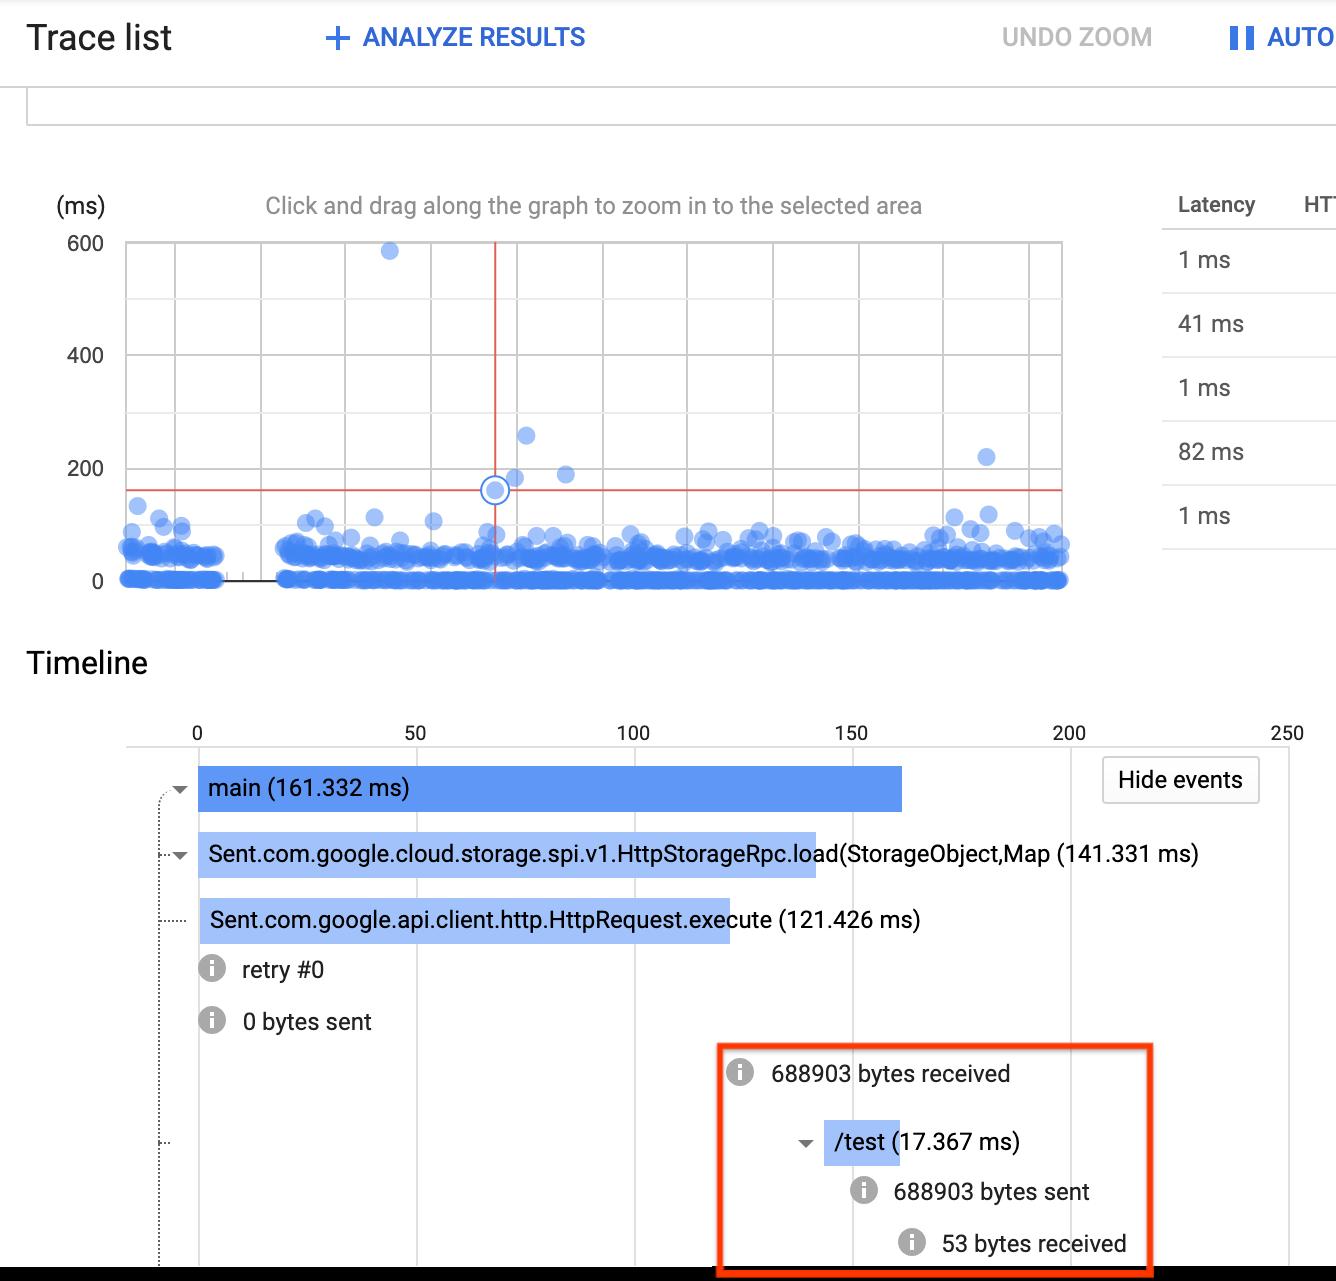 Liste de traces indiquant les requêtes à latence élevée.